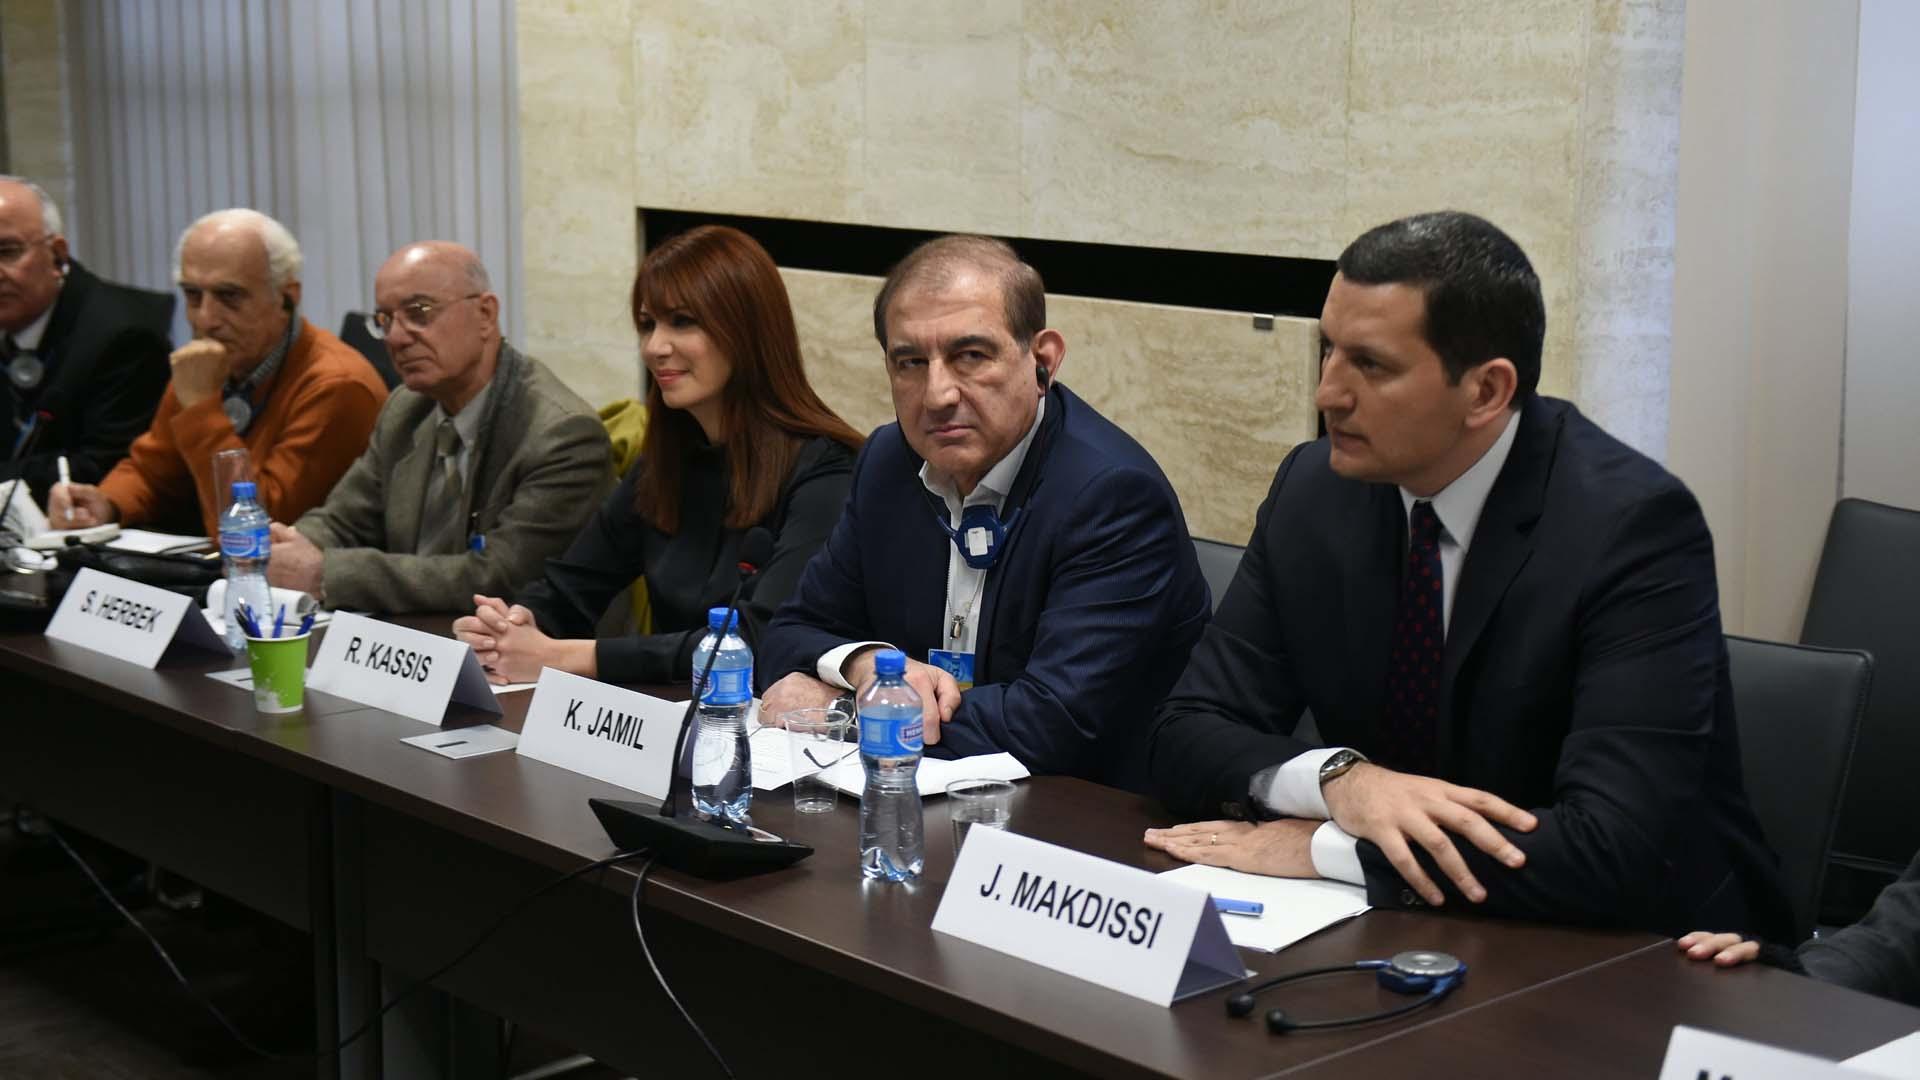 Representante de la oposición exigió la ejecución del presidente Bashar al Assad y desato la furia del Gobierno